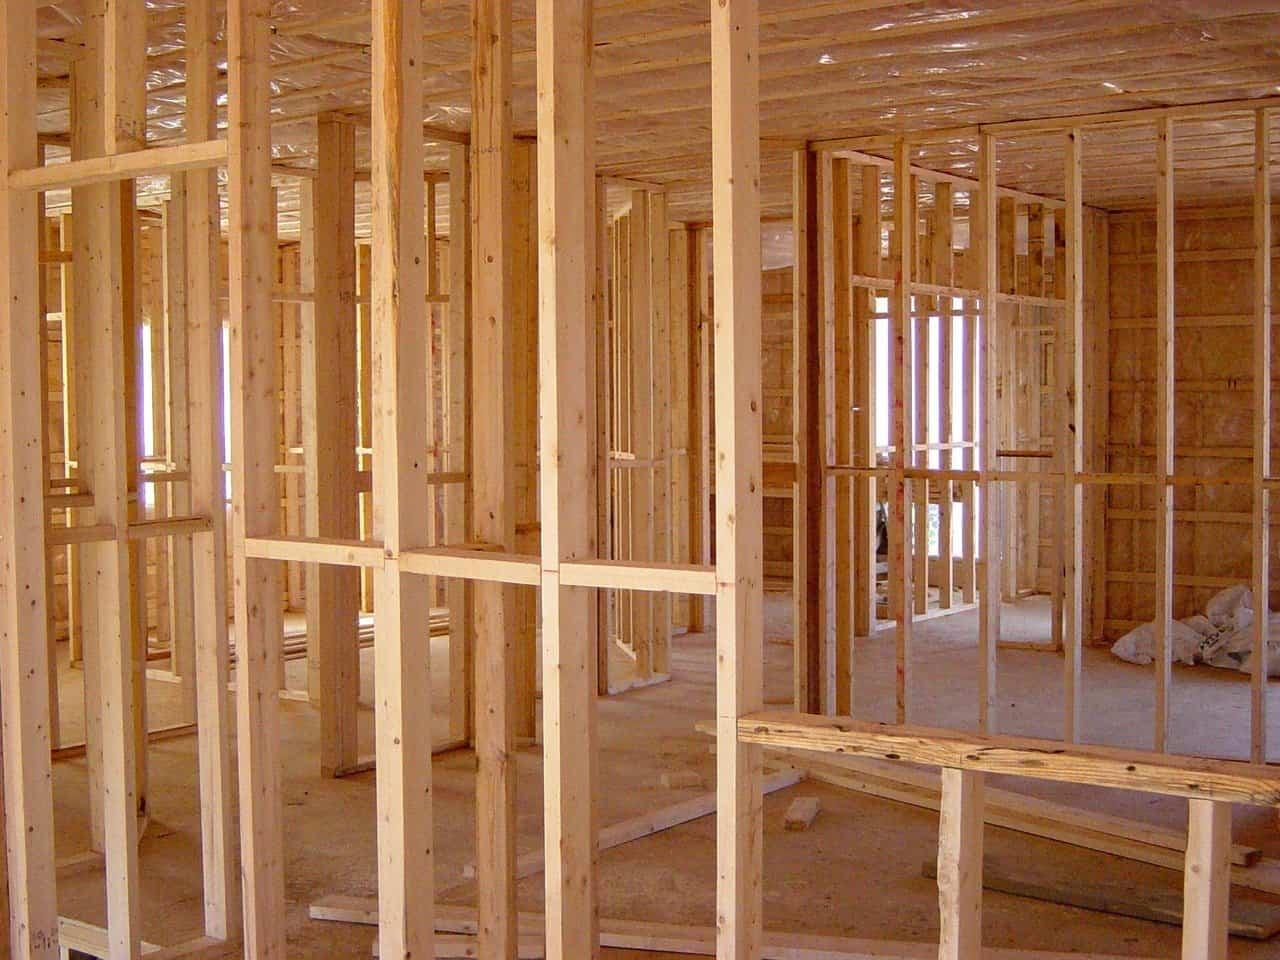 mitos viviendas de madera 2